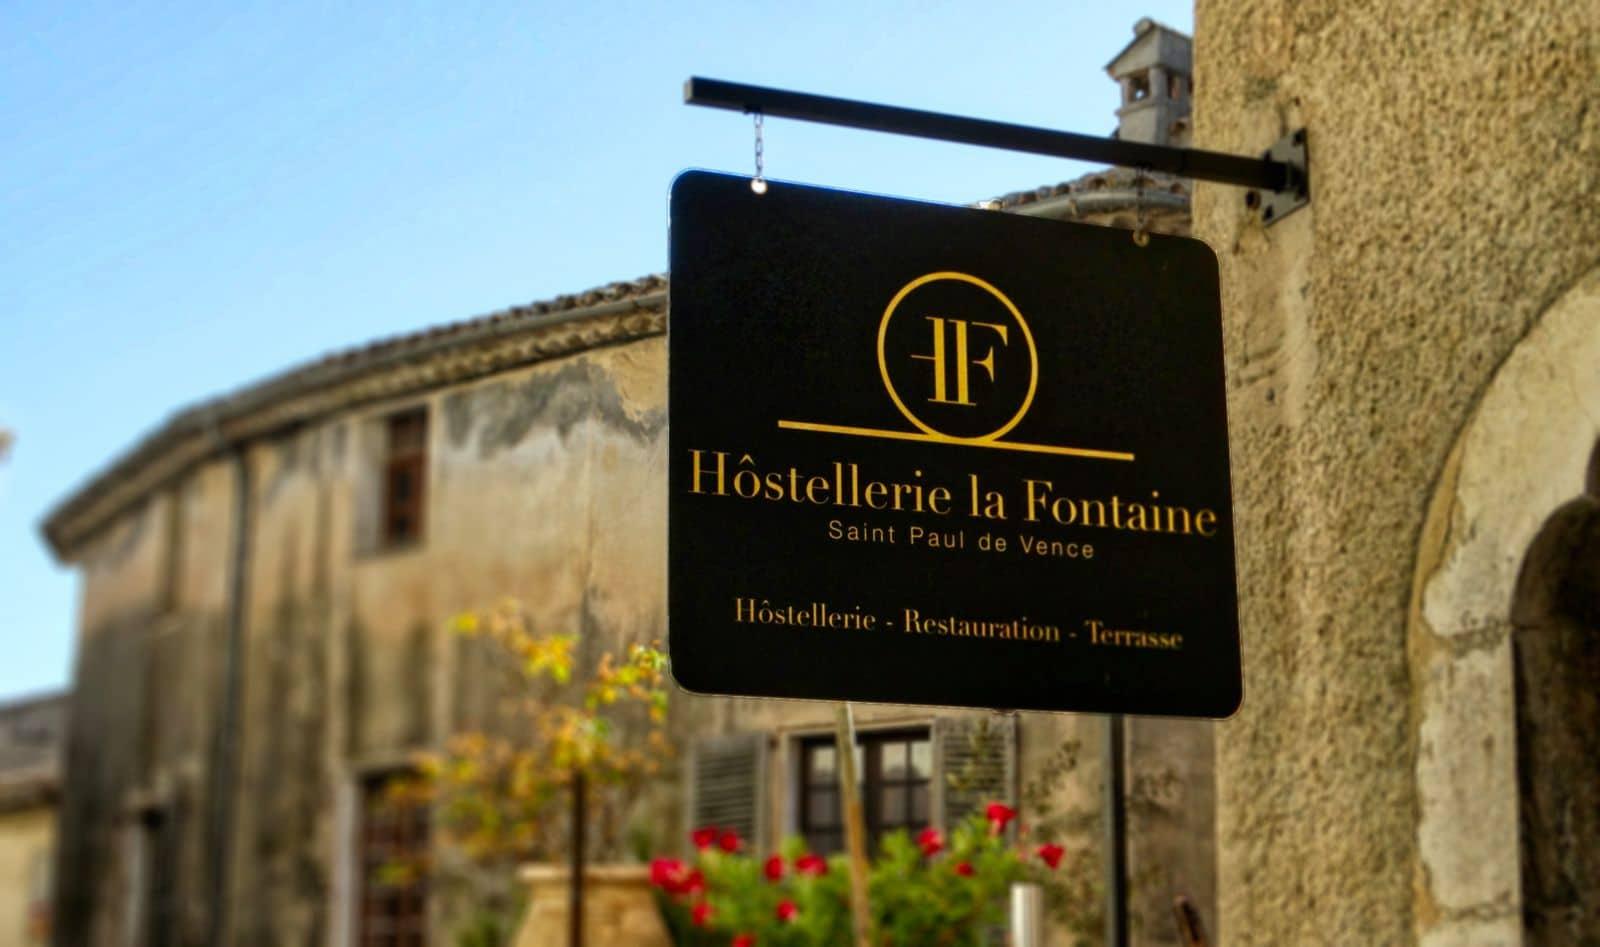 enseigne-restaurants-saint-paul-de-vence-hostellerie-la-fontaine